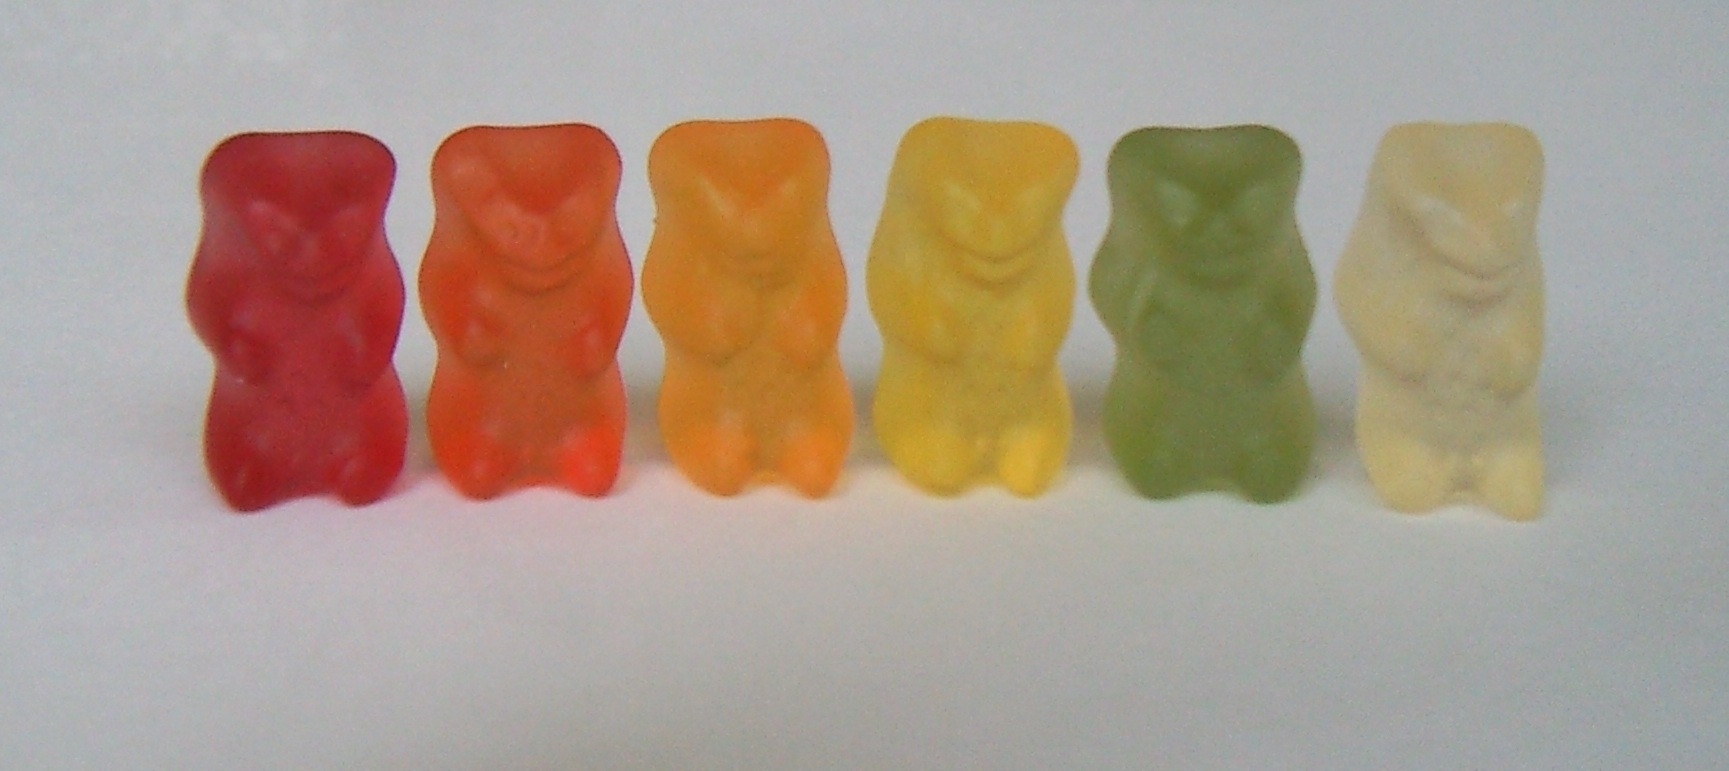 Gummi bears in a row